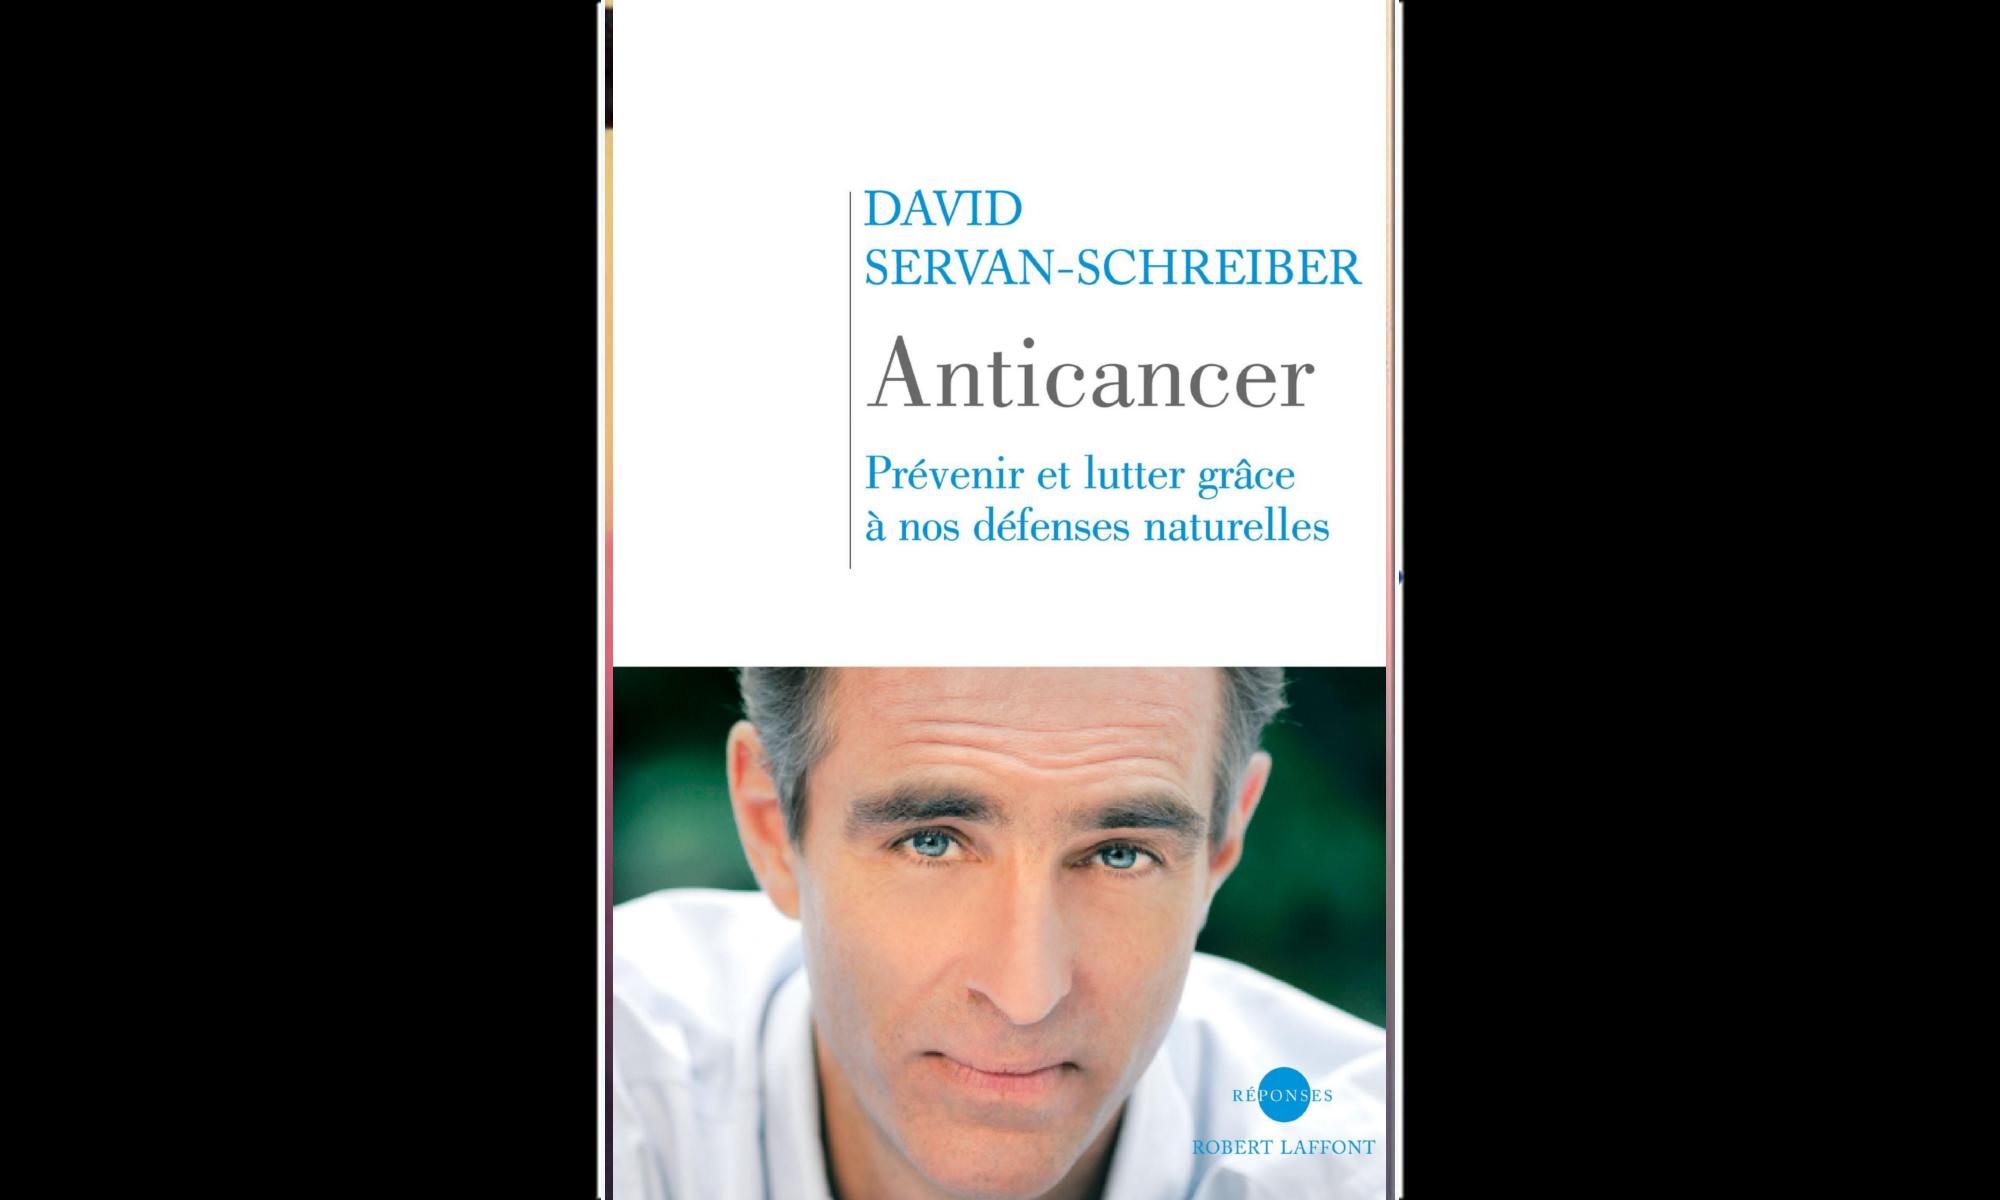 Anticancer prévenir et lutter grâce à nos défenses naturelles